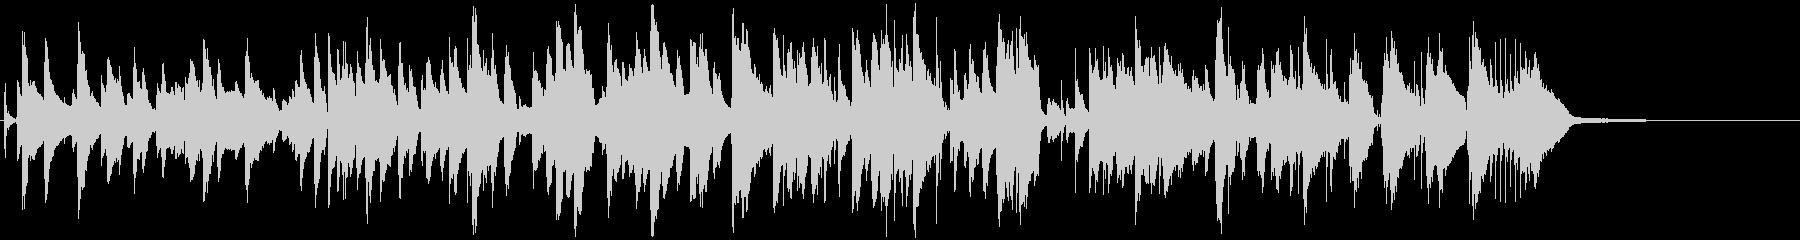 ピアノトリオ  ムード 大人 バー 上品の未再生の波形